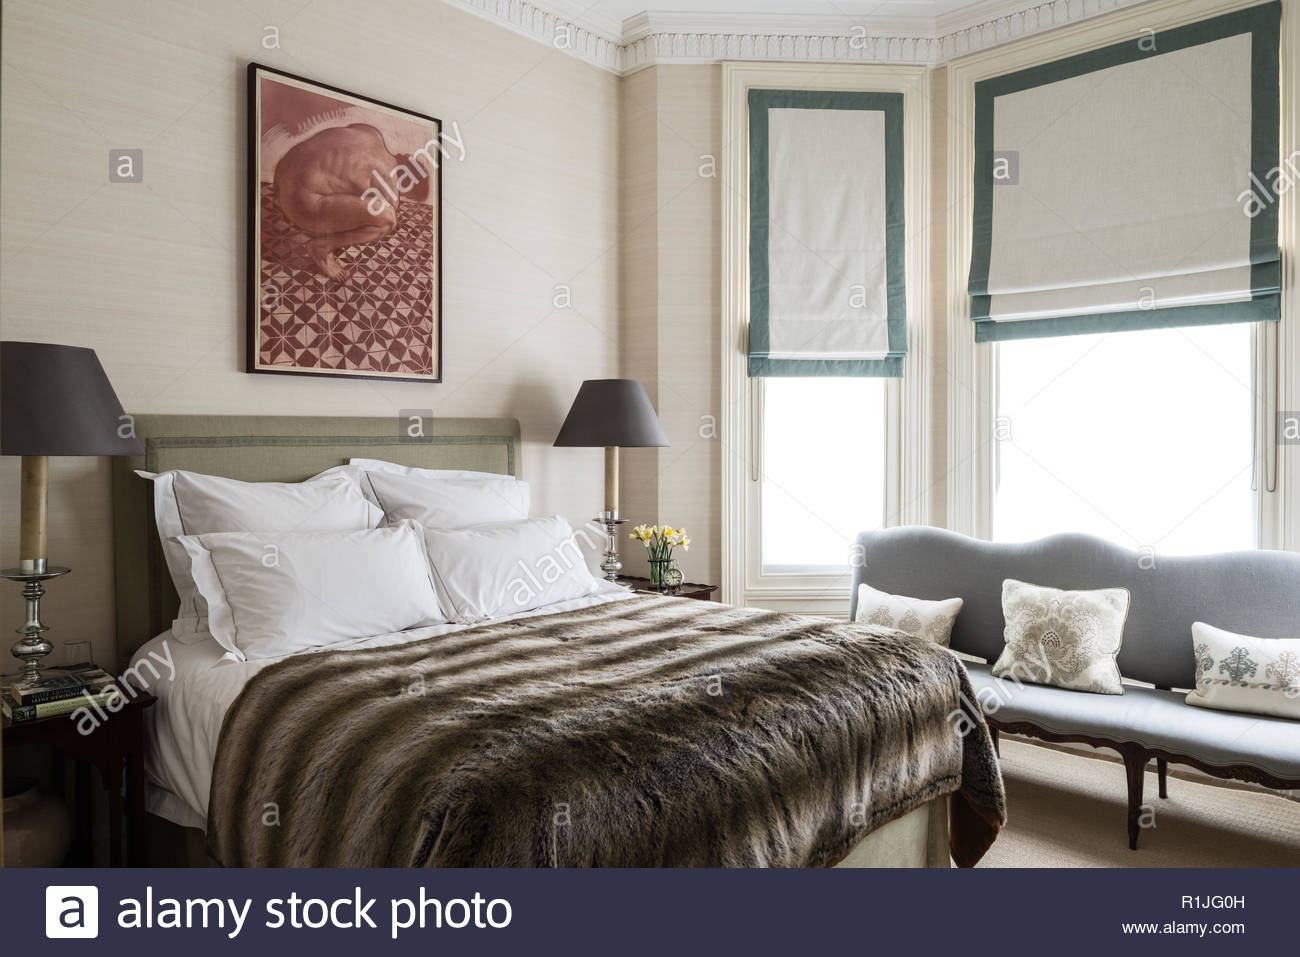 Dormitorio de estilo campestre quillango Imagen De Stock